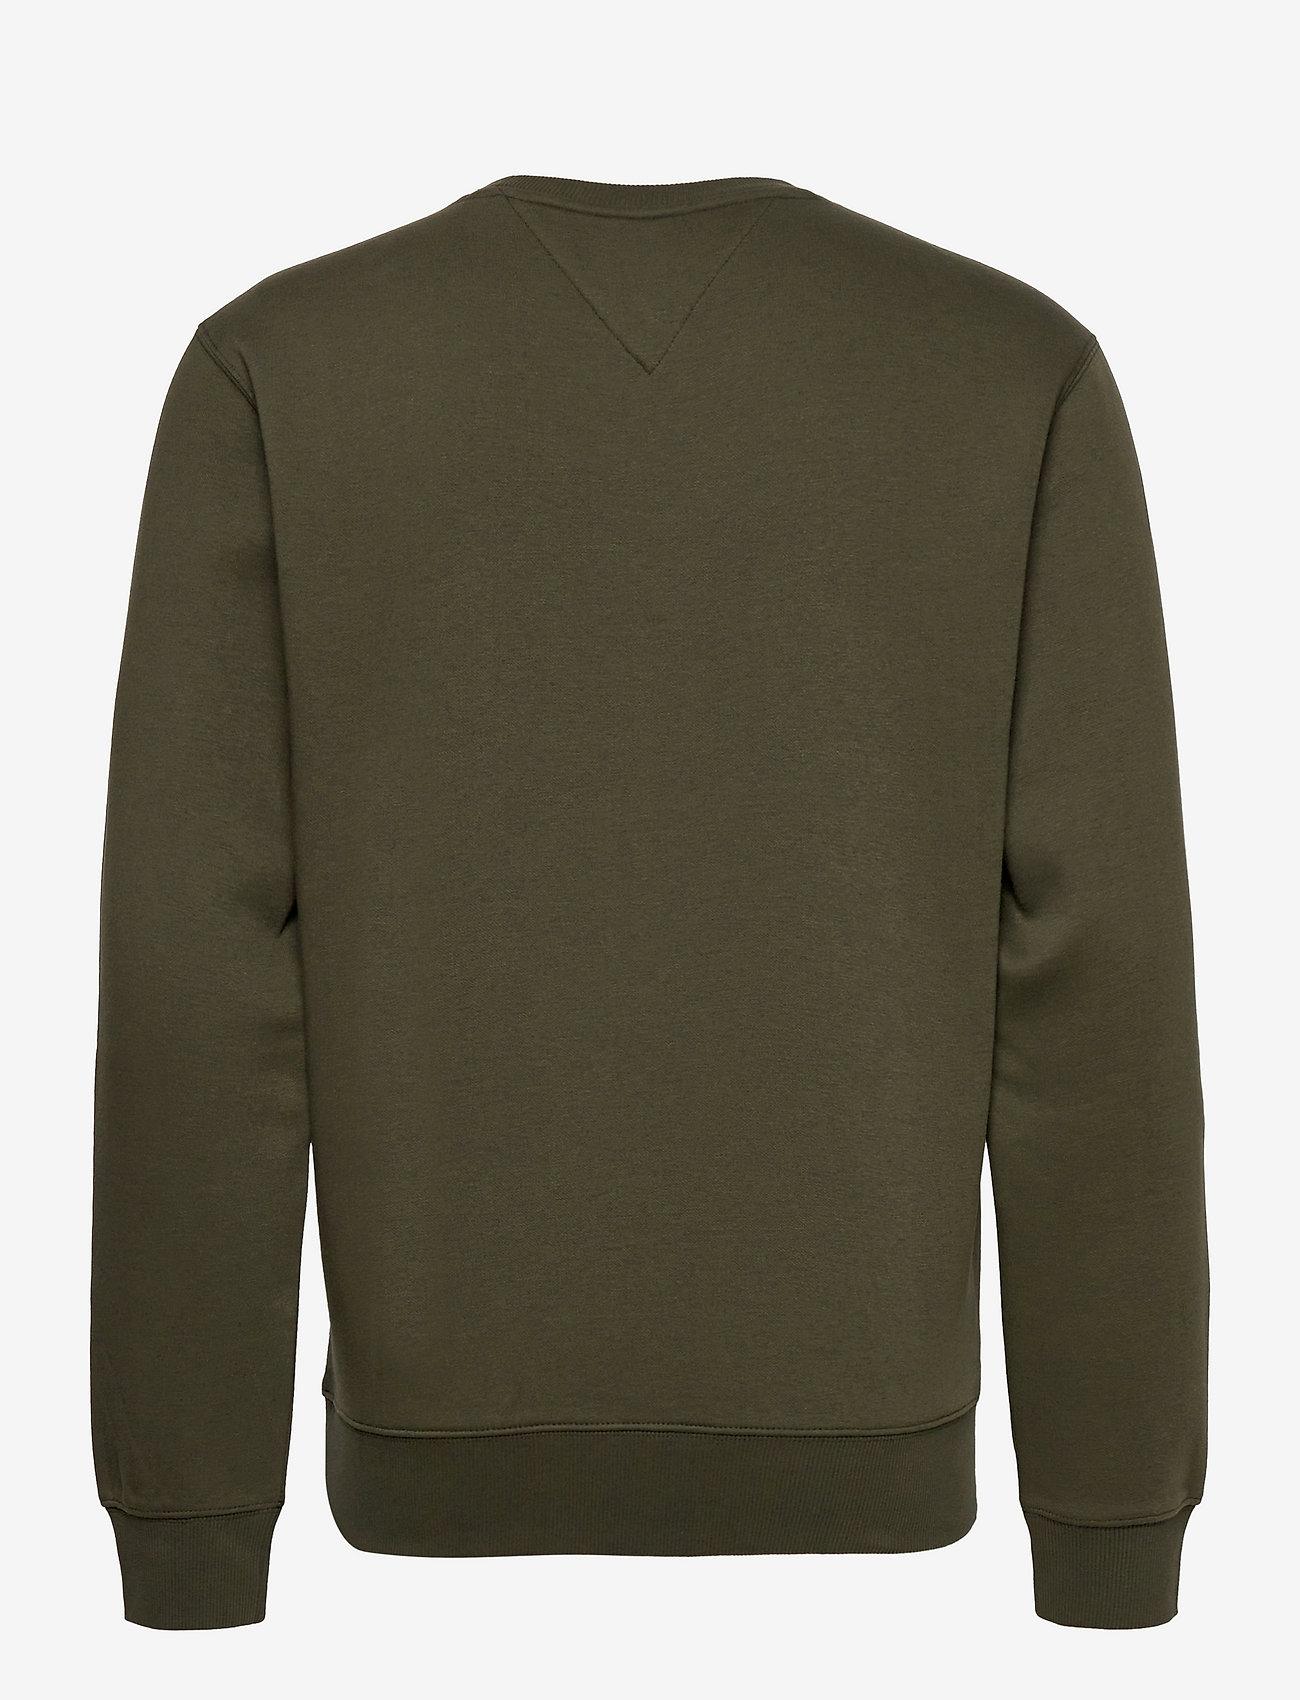 Tommy Jeans - TJM REGULAR FLEECE C NECK - kläder - dark olive - 1